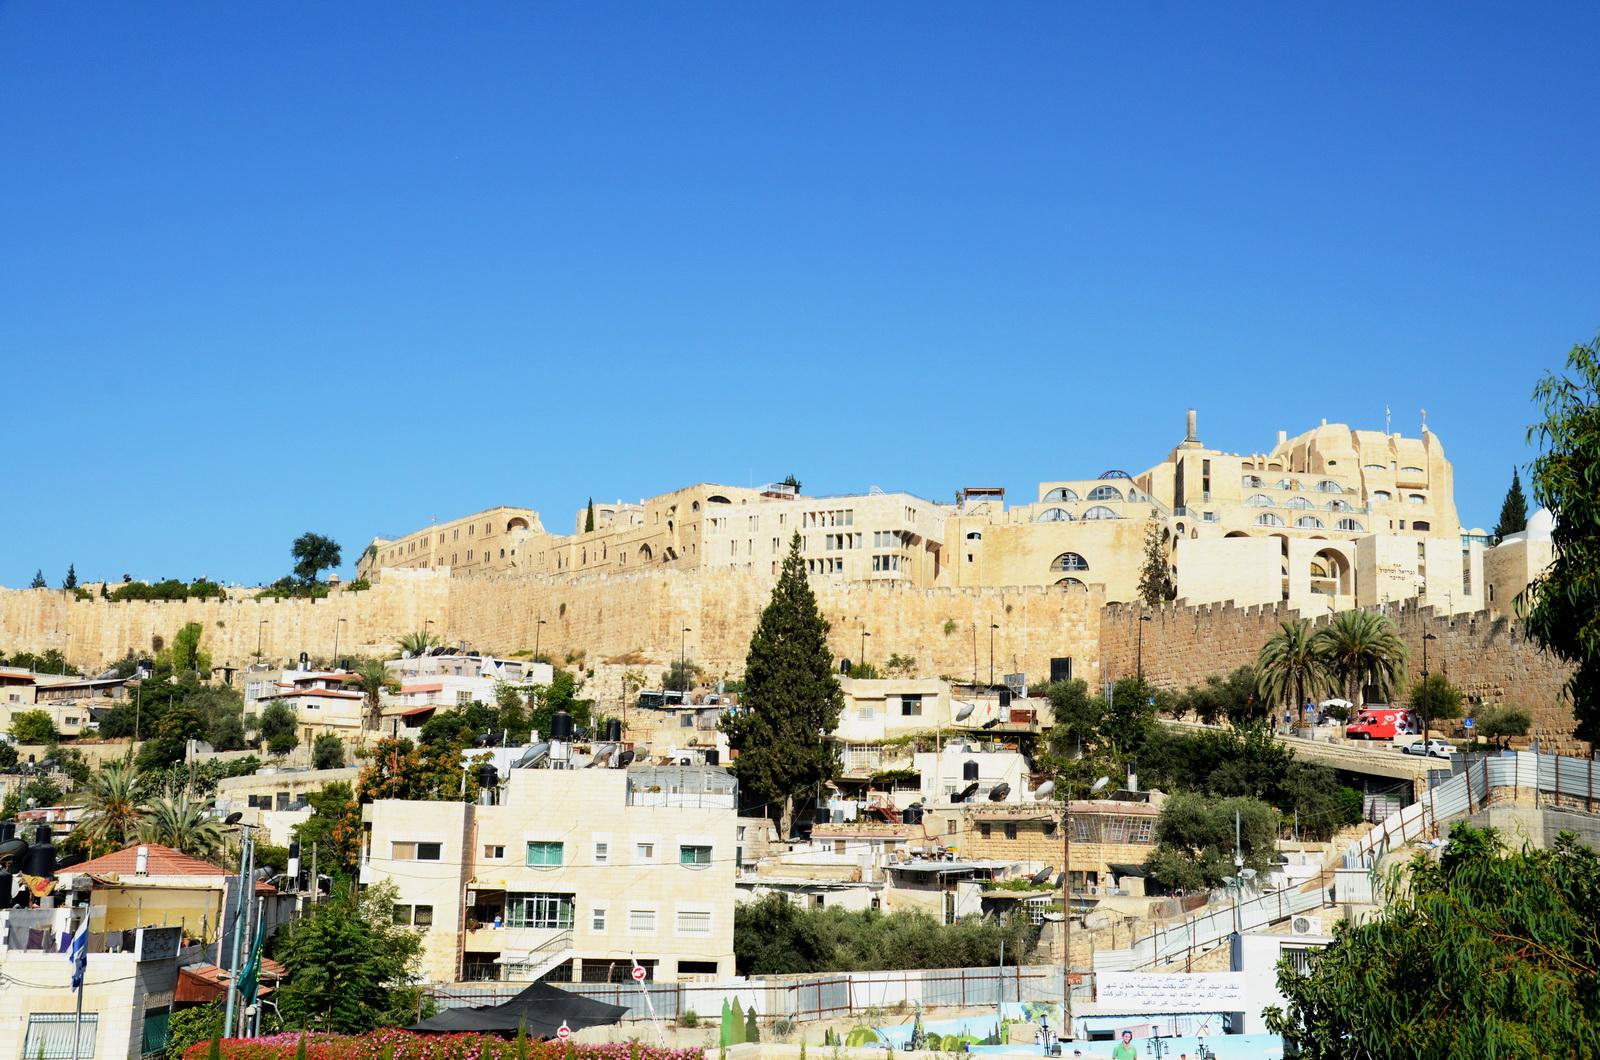 אזור הרובע היהודי שמעבר לחומות העיר